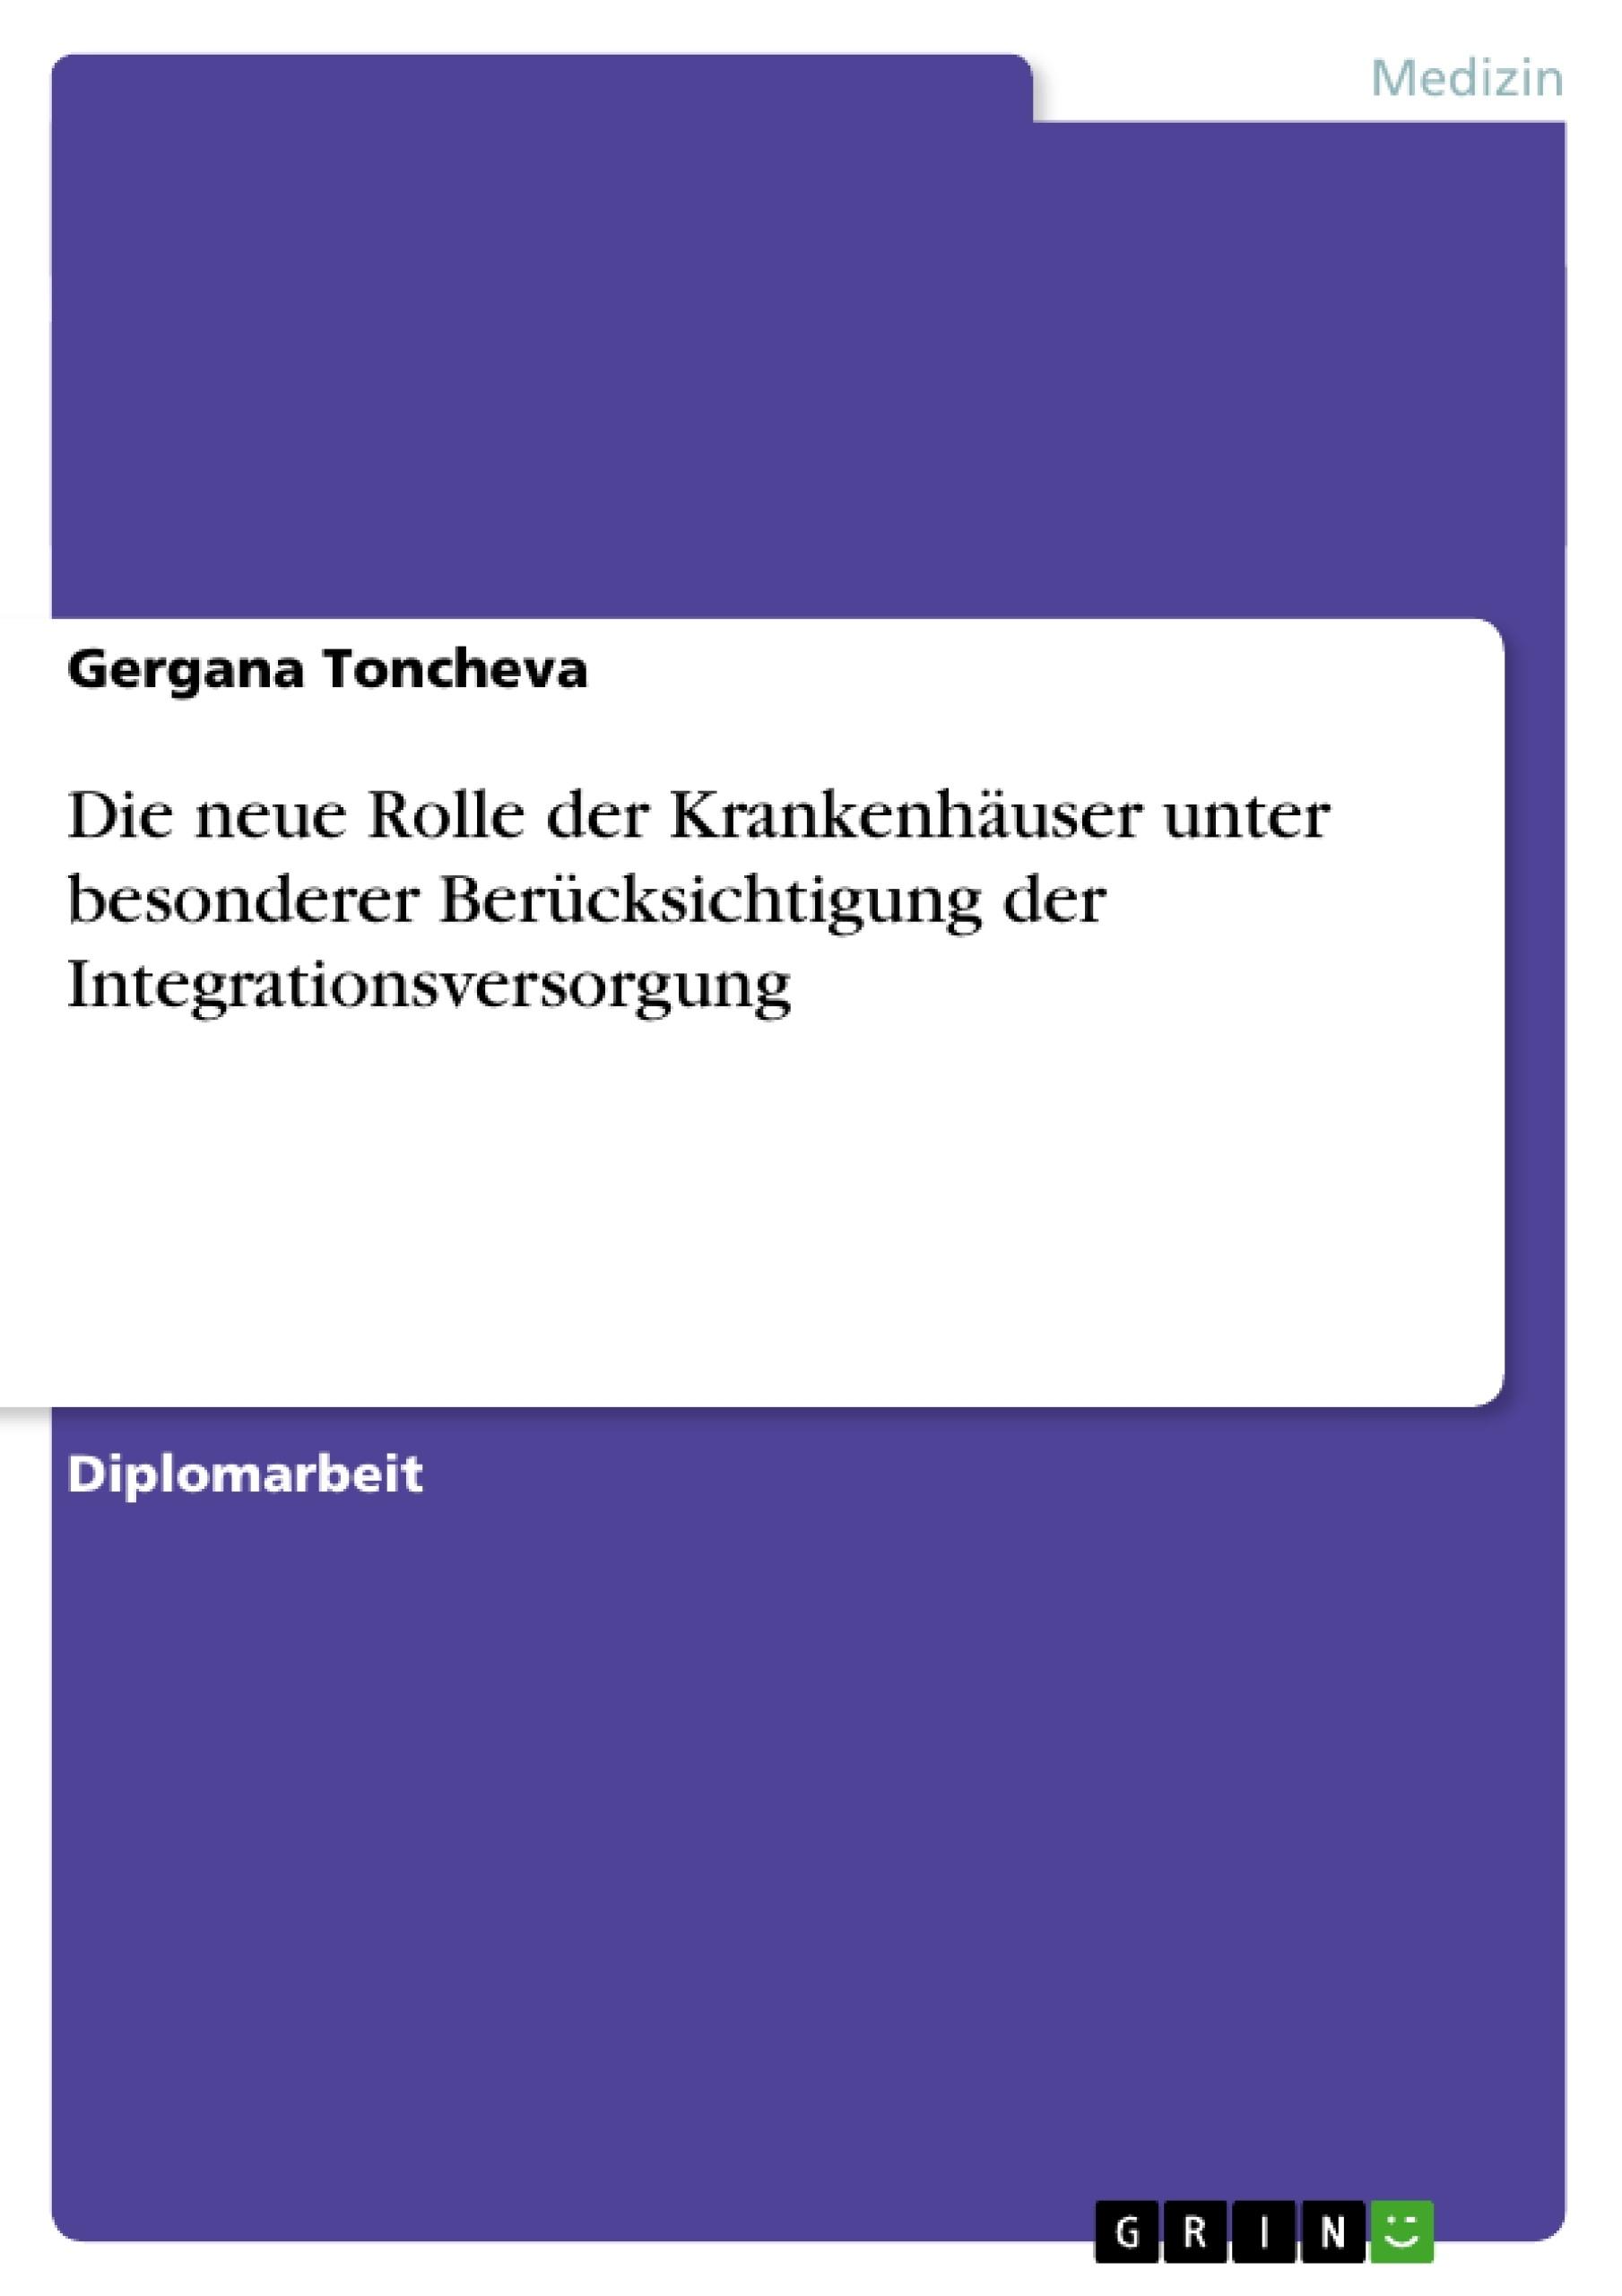 Titel: Die neue Rolle der Krankenhäuser unter besonderer Berücksichtigung der Integrationsversorgung